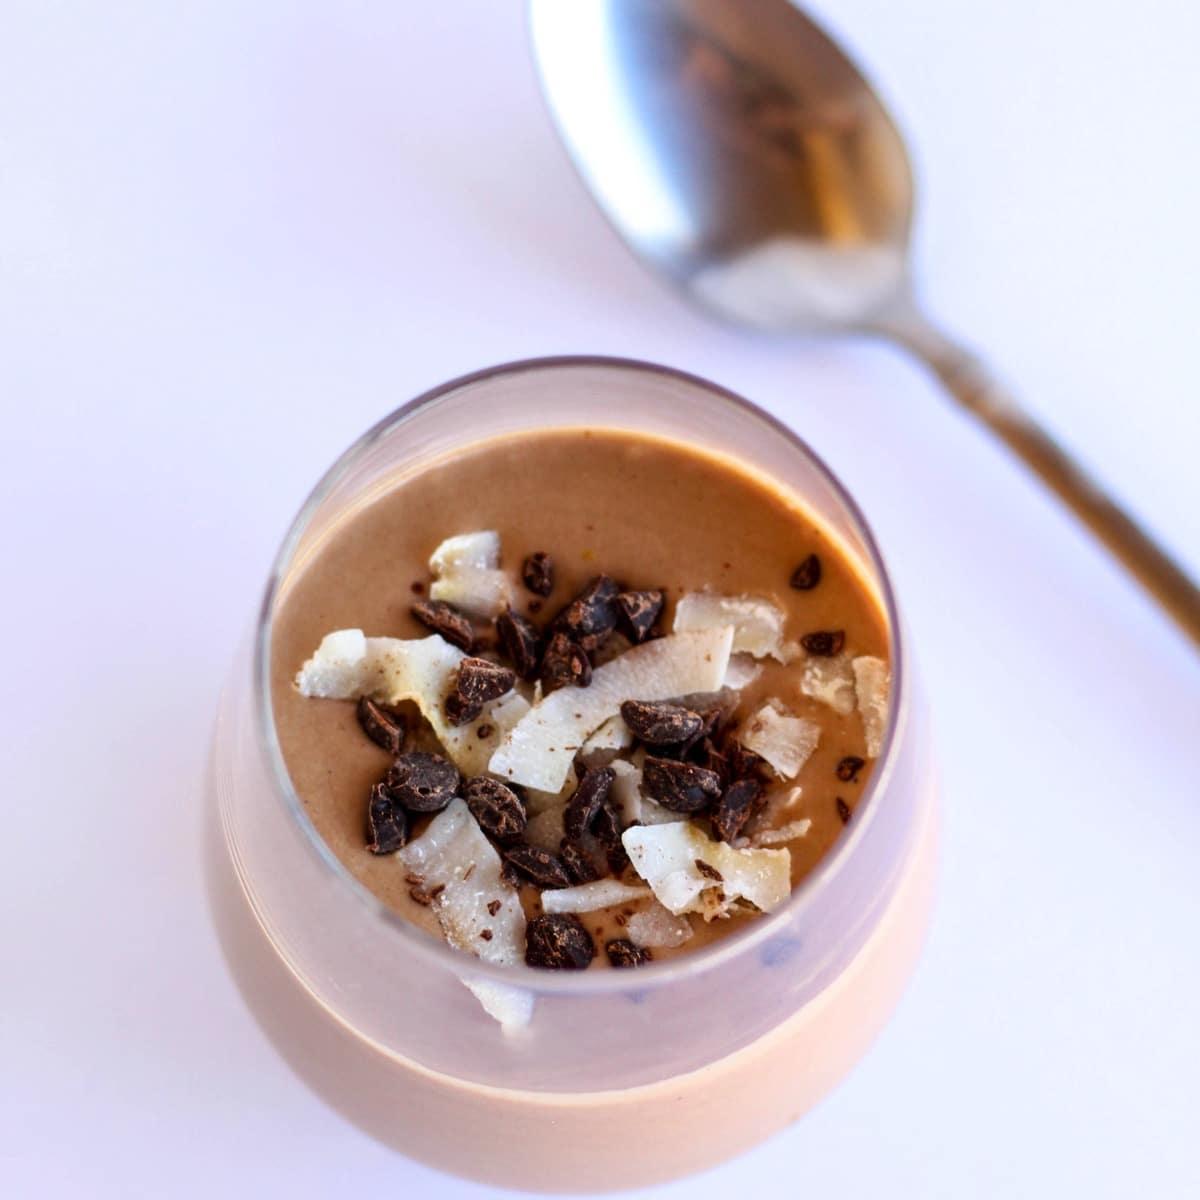 Vegan chocolate pudding top view 1 1 1